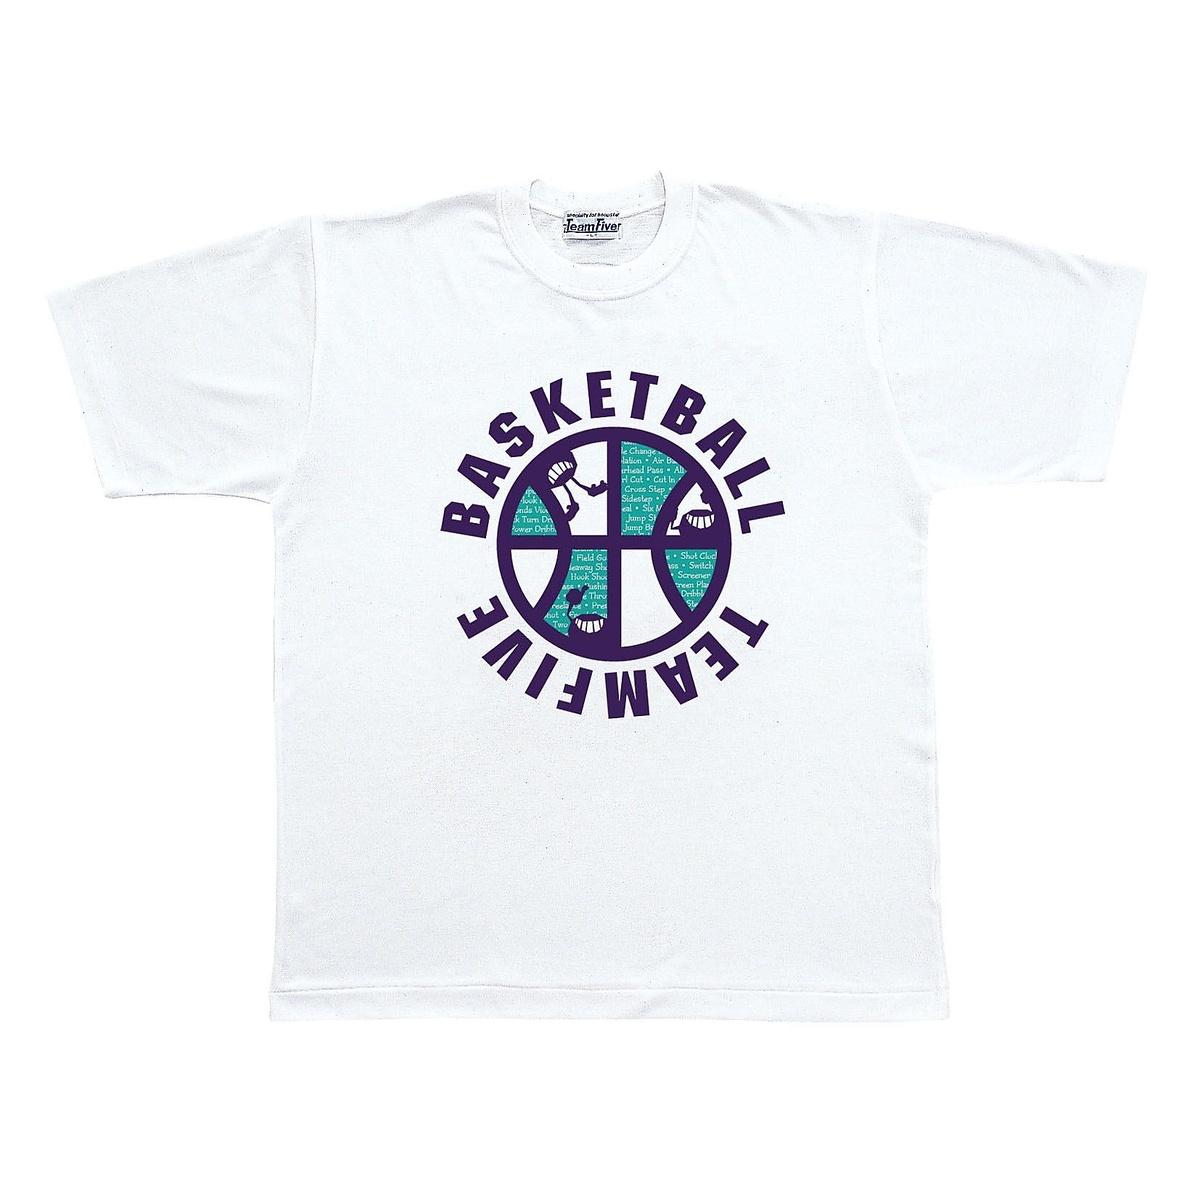 チームファイブ Tシャツ 「バスケットボール」【AT-9308】